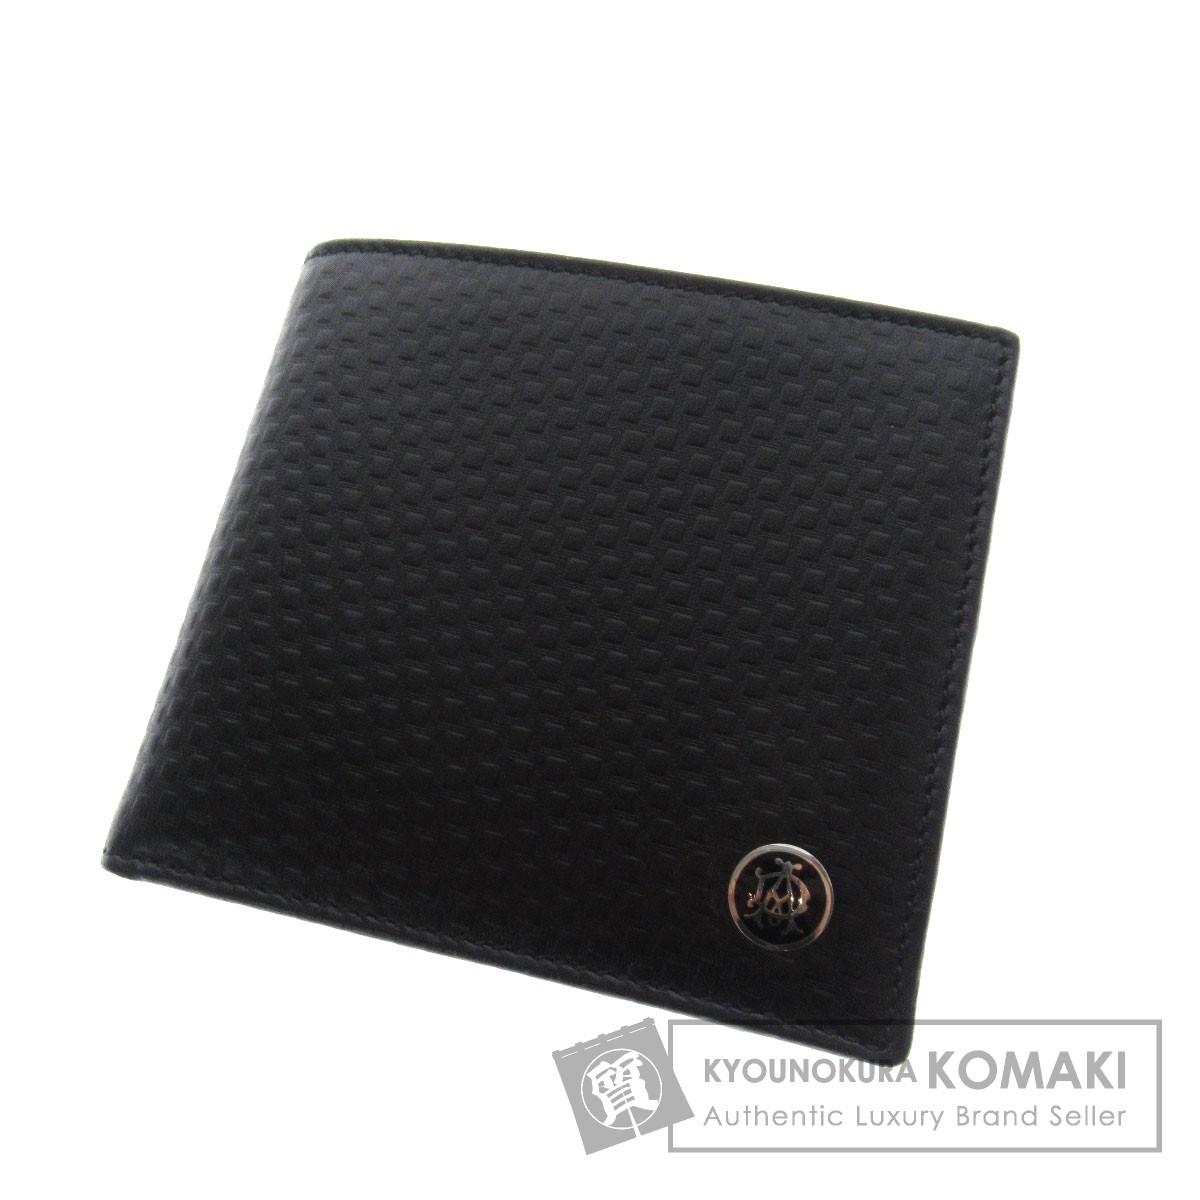 Dunhill L2V332A 二つ折り財布(小銭入れあり) レザー メンズ 【中古】【ダンヒル】